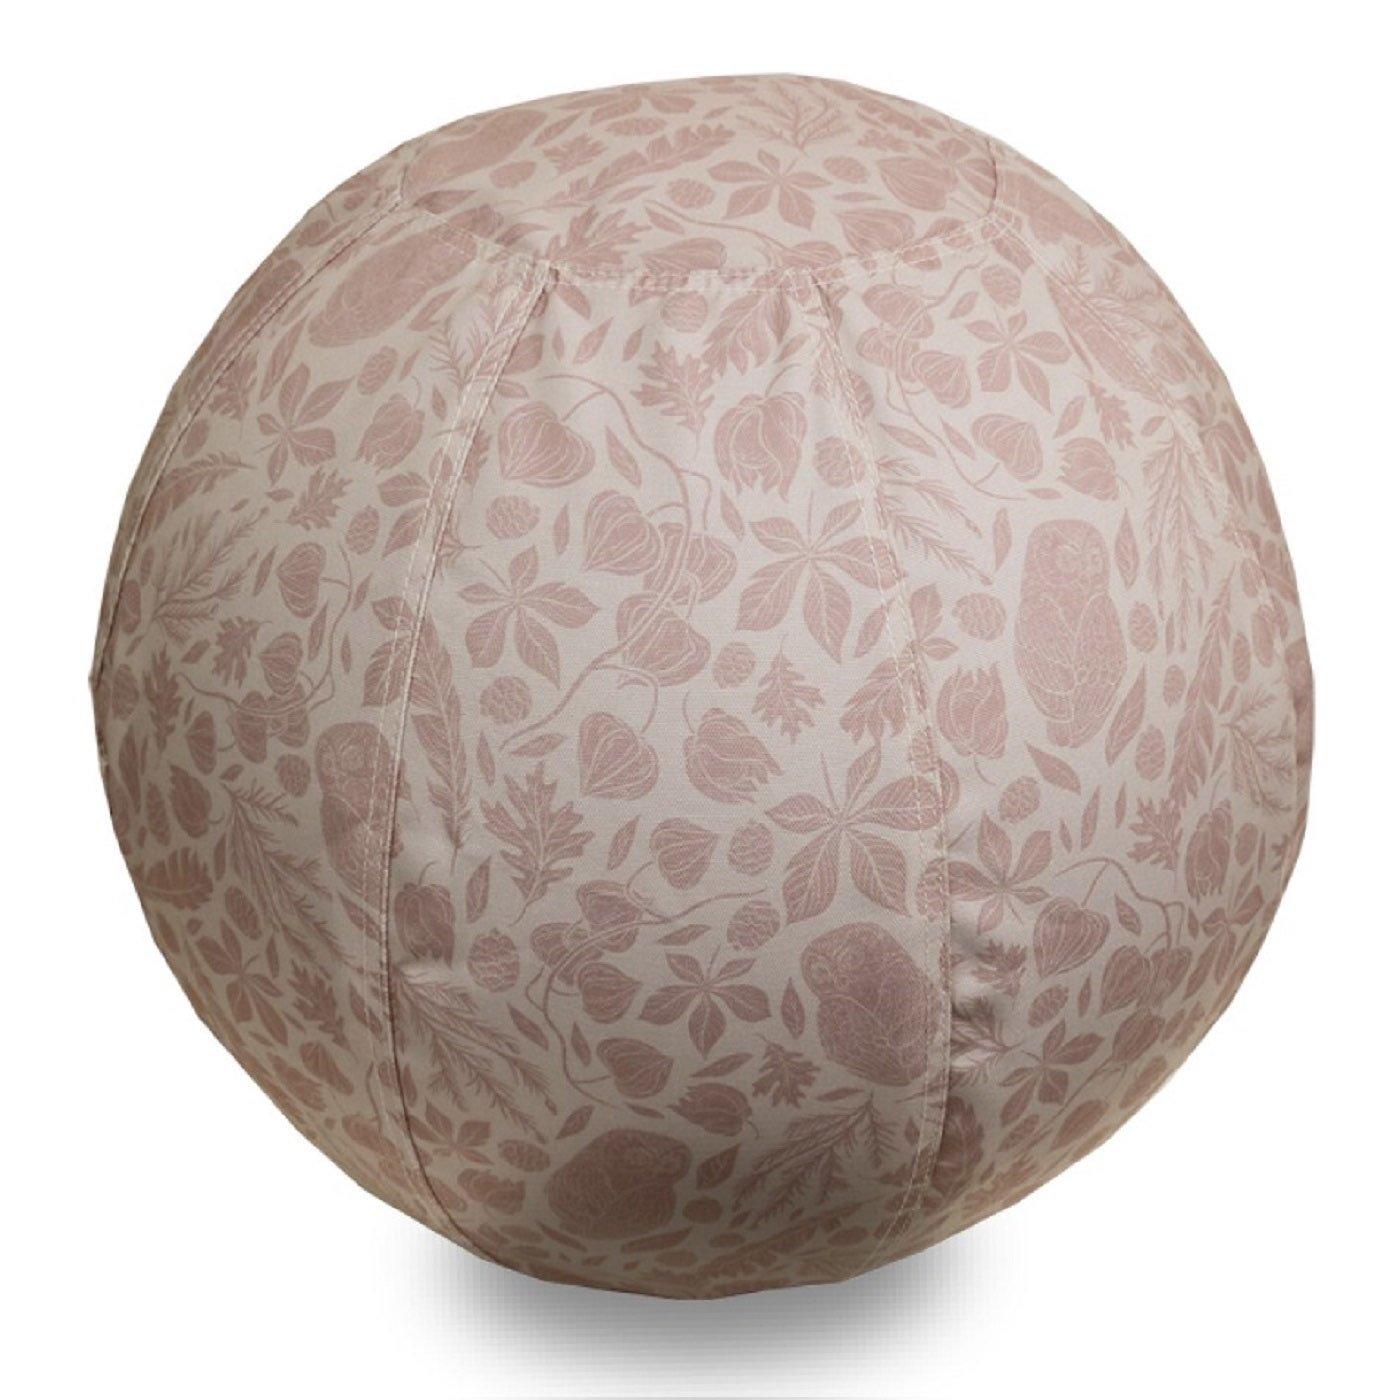 北欧をイメージした 部屋を彩るバランスボール〈隠れふくろう/55cm〉